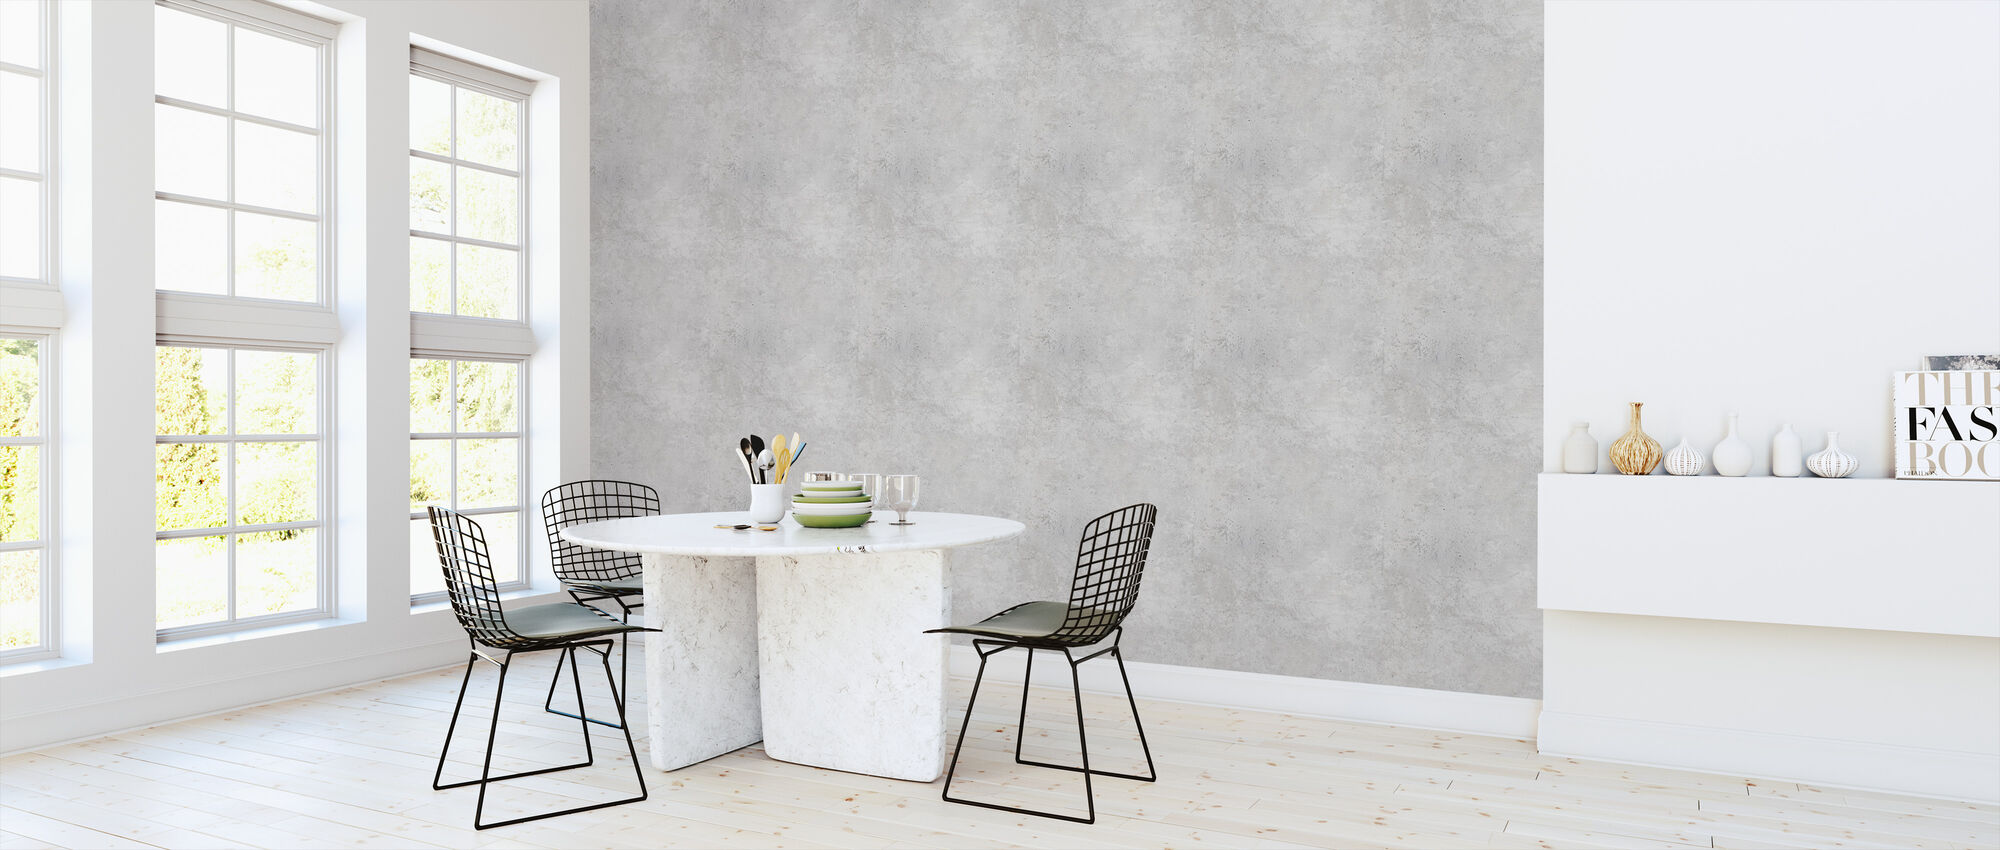 Light Grey Concrete Wall - Wallpaper - Kitchen